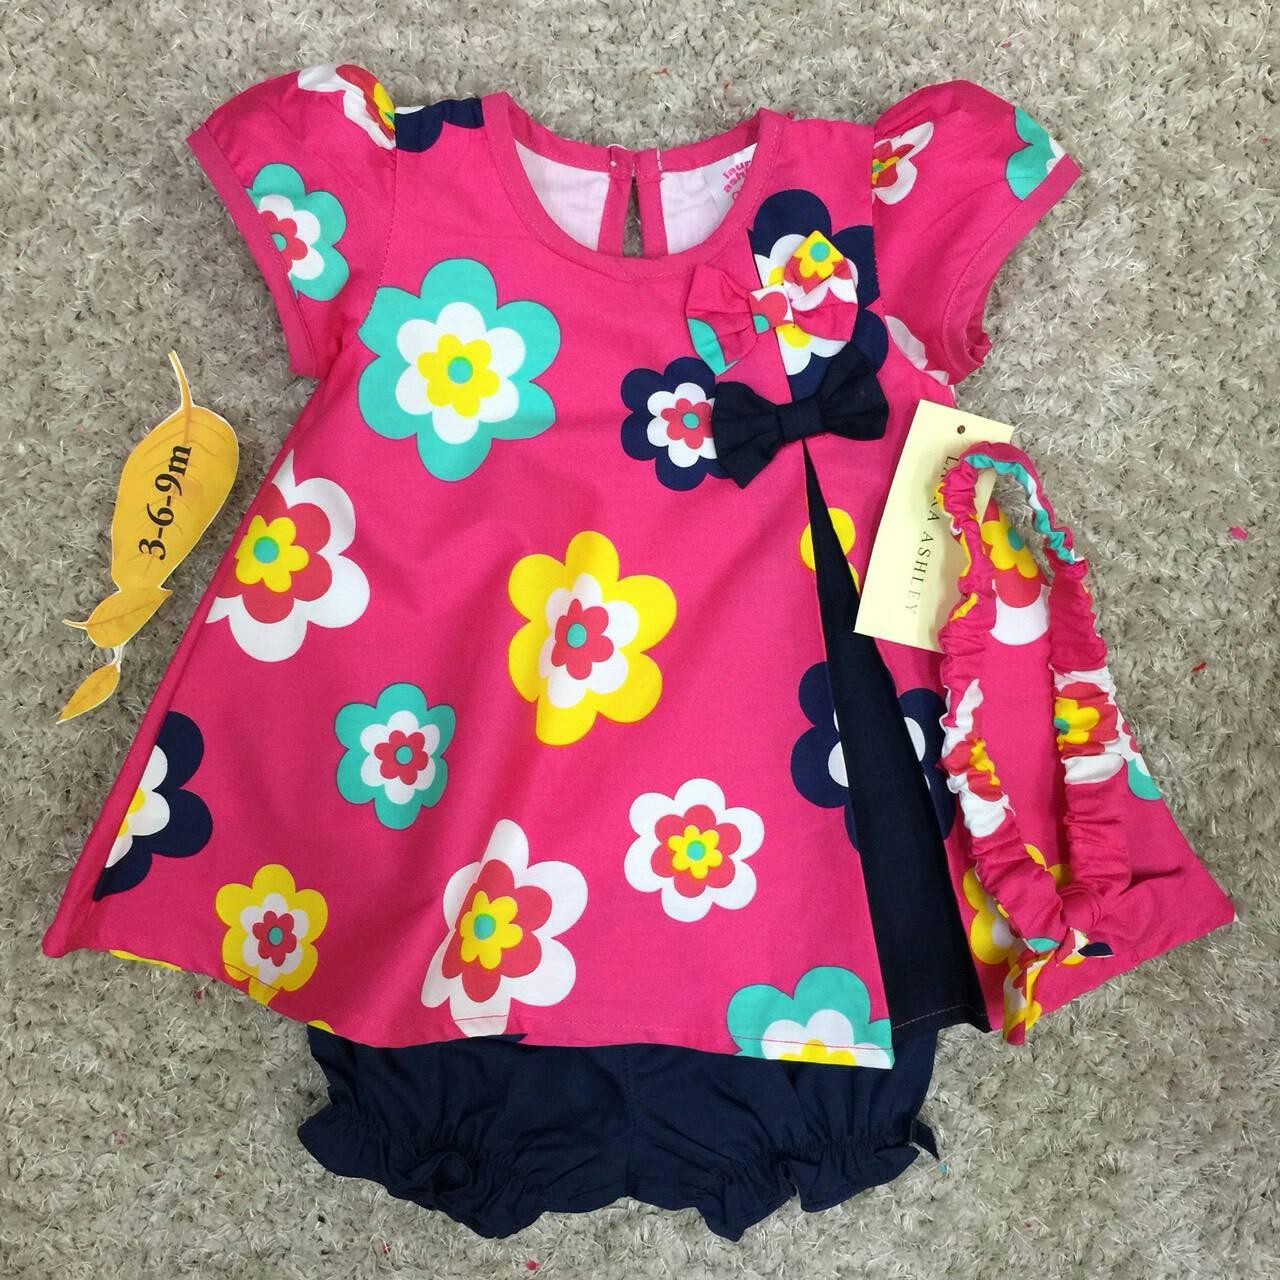 เสื้อผ้าเด็ก เซต 3ชิ้น ขาสั้น แรกเกิด-9 เดือน size 3m-6m-9m ลายดอกไม้ สีบานเย็น